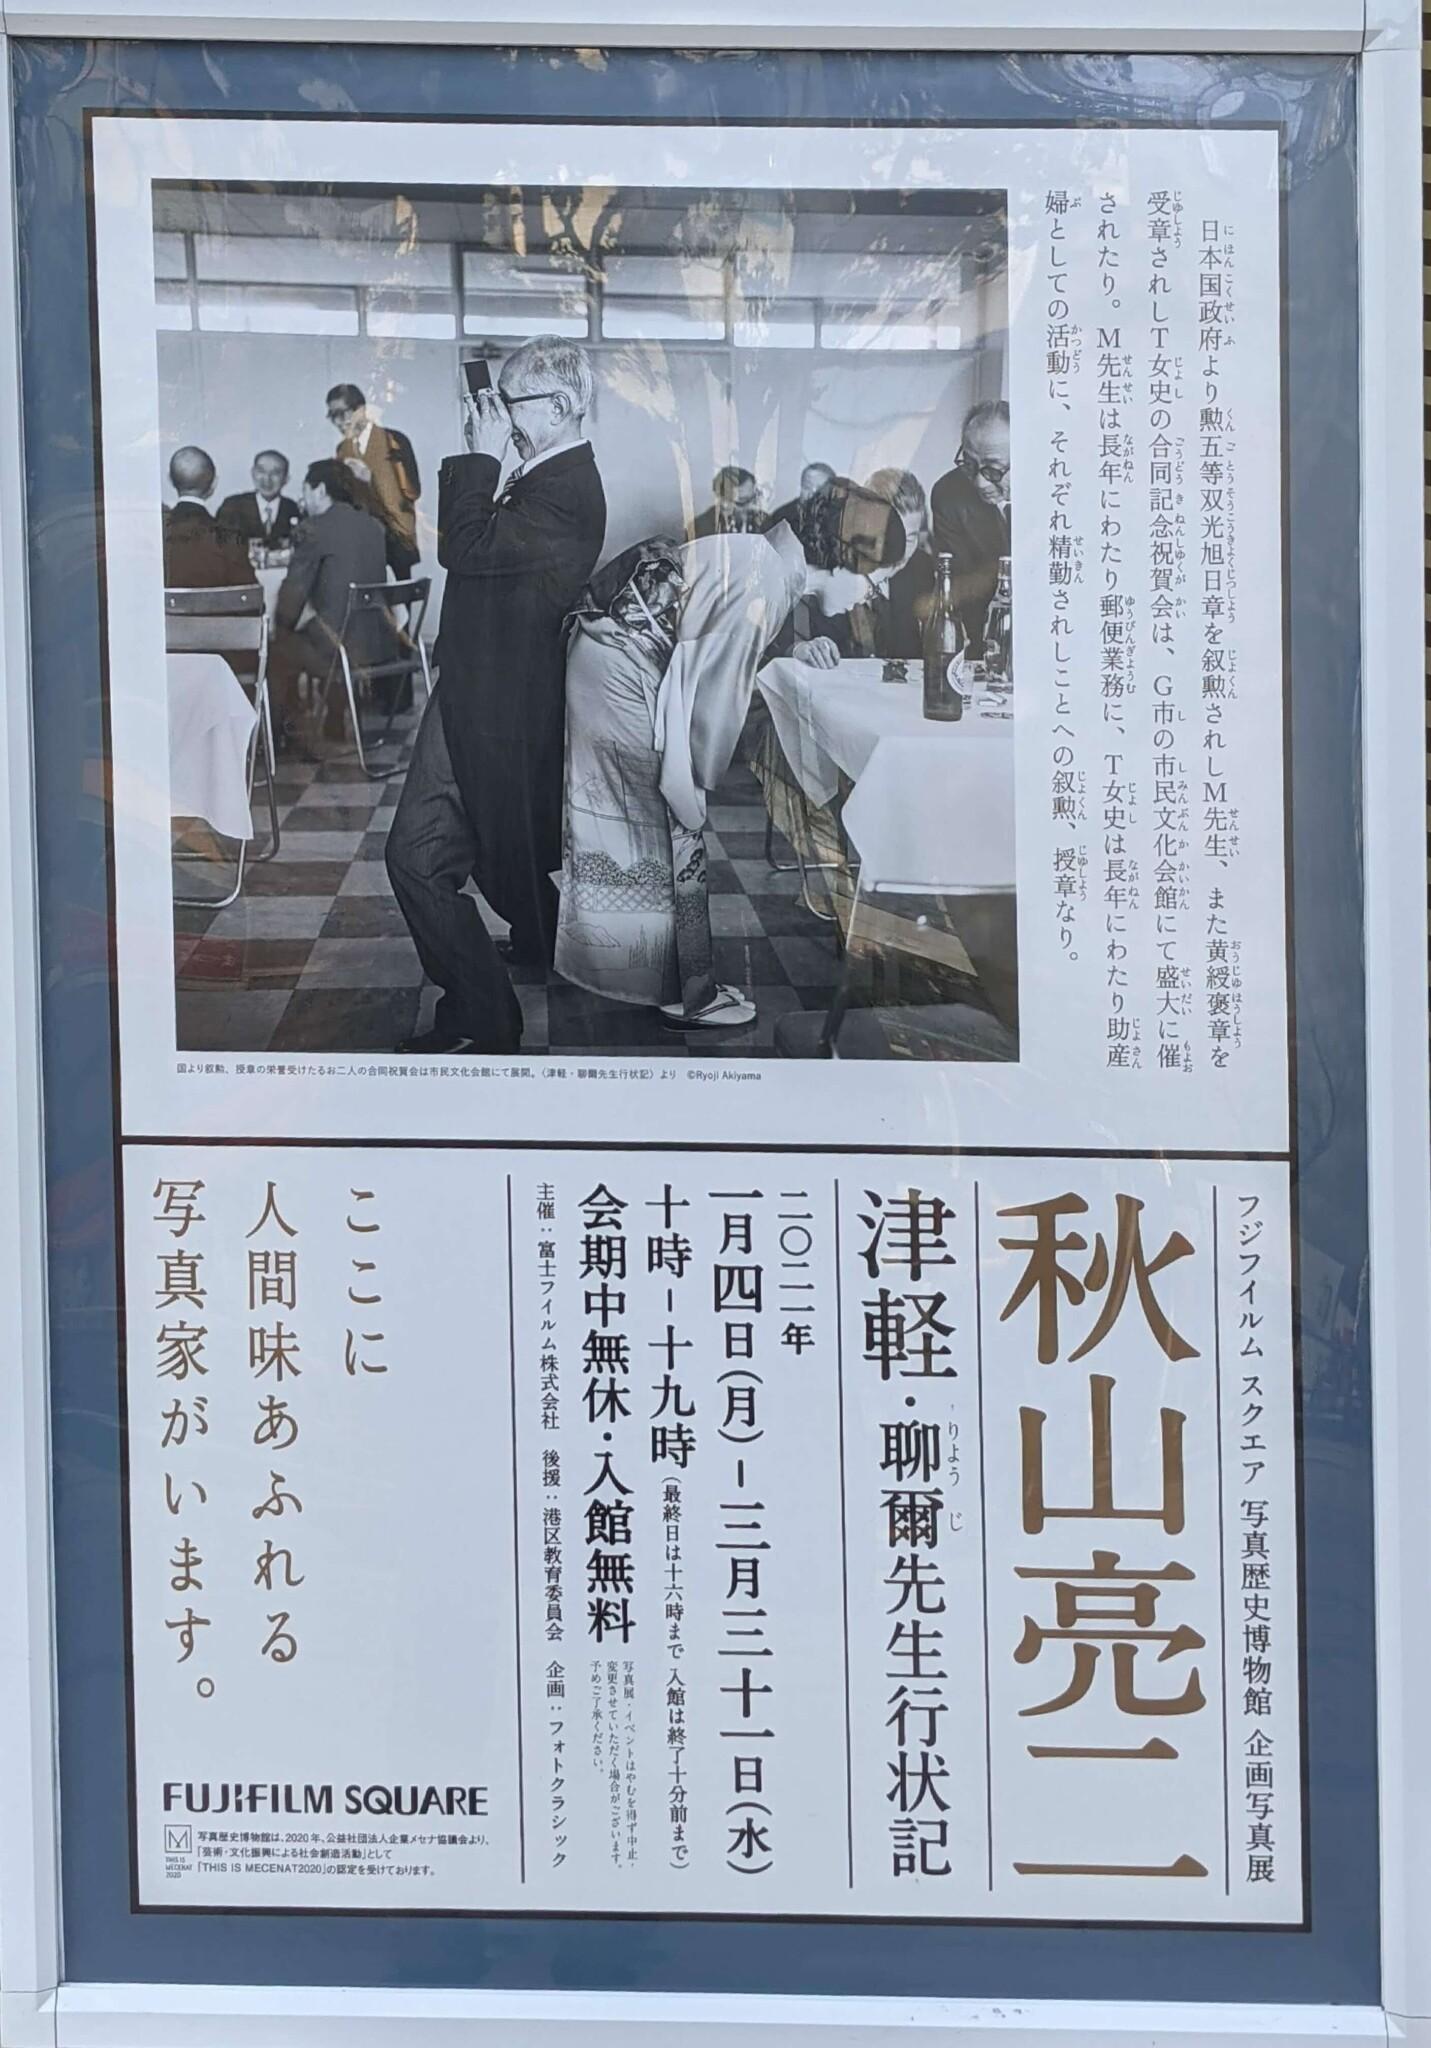 ここに人間味あふれる写真家がいます。 秋山亮二「津軽・聊爾(りょうじ)先生行状記」